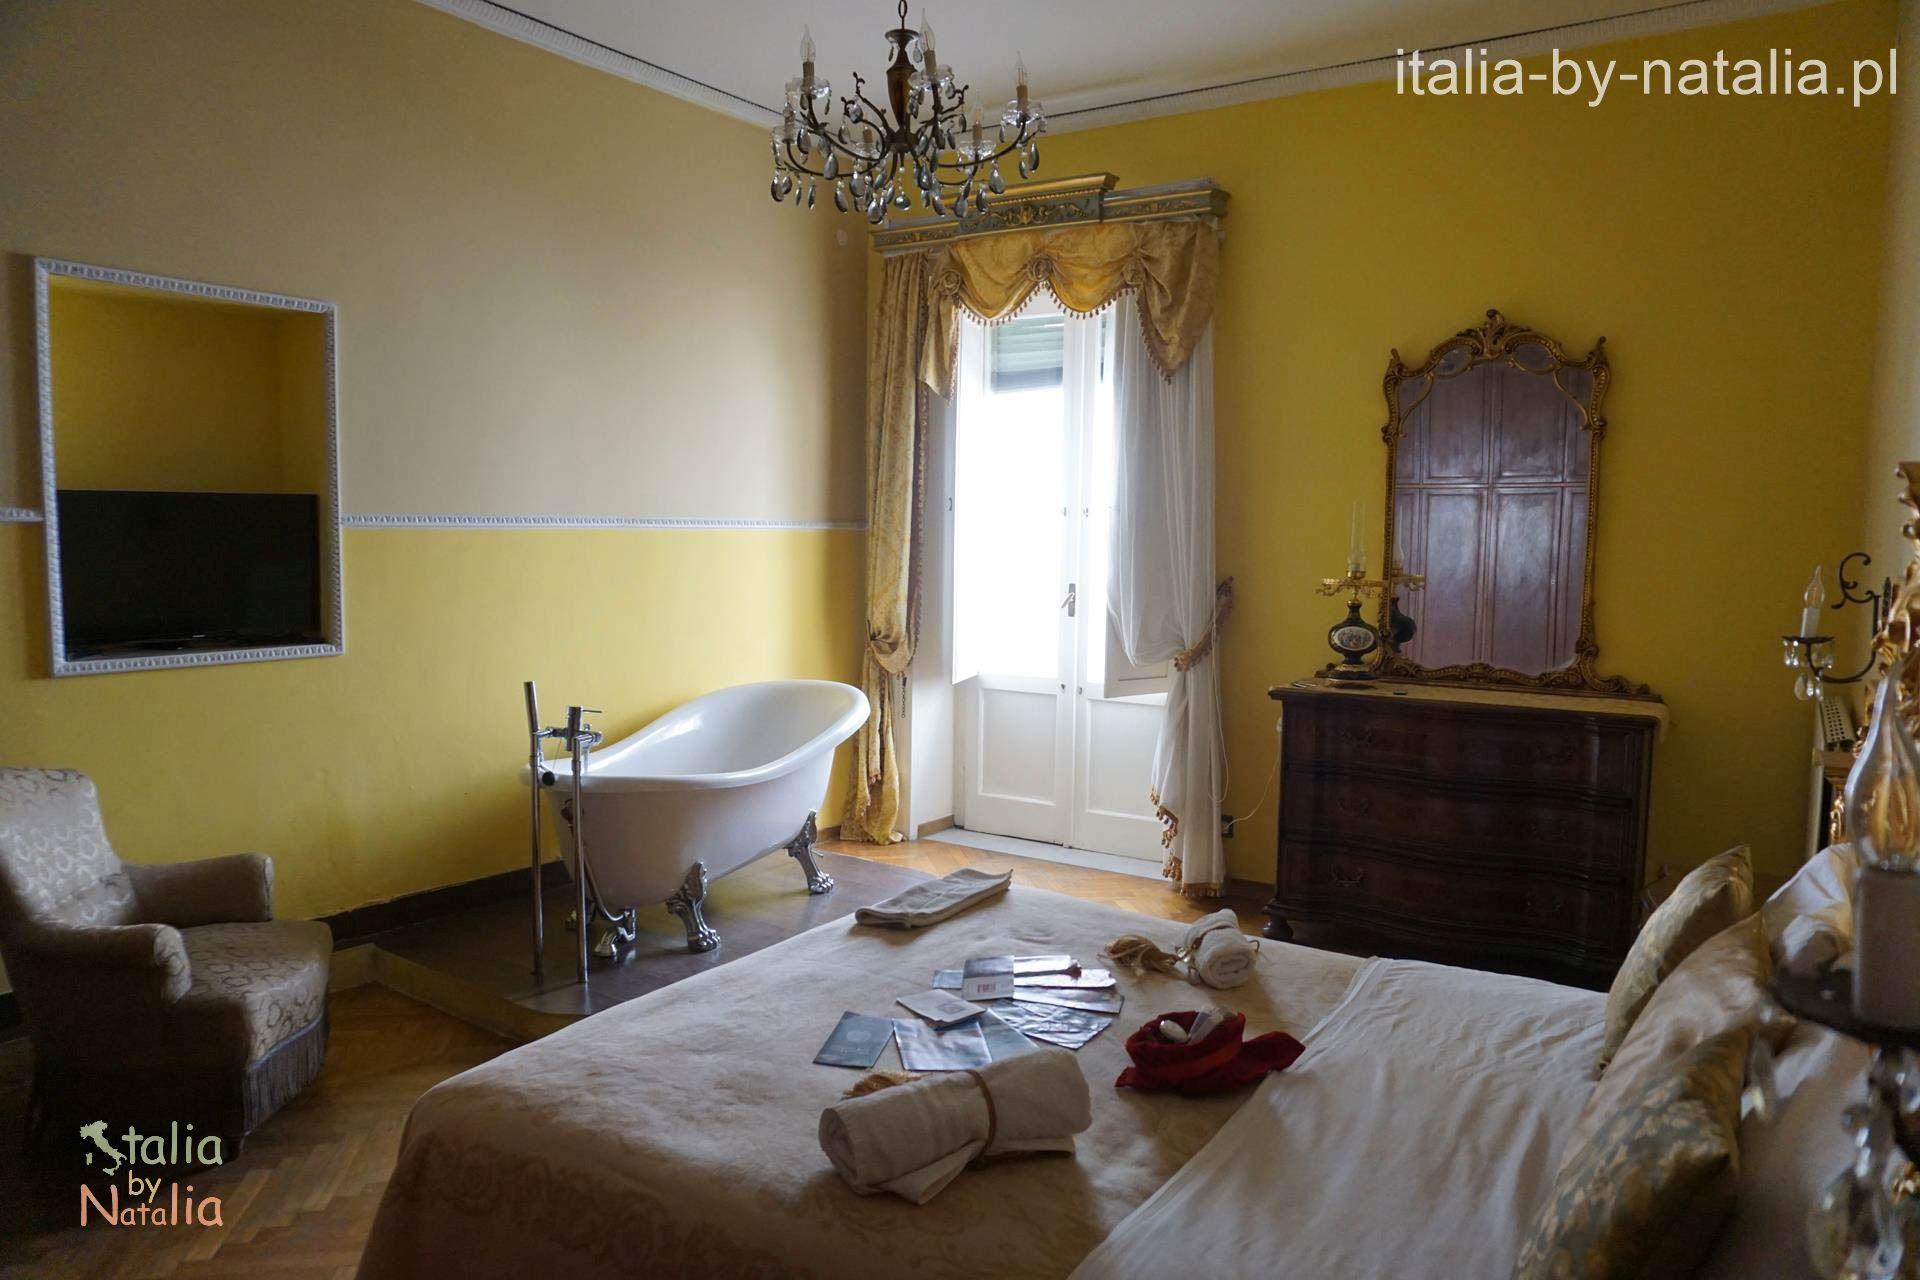 Pokój w Napoli Retro.